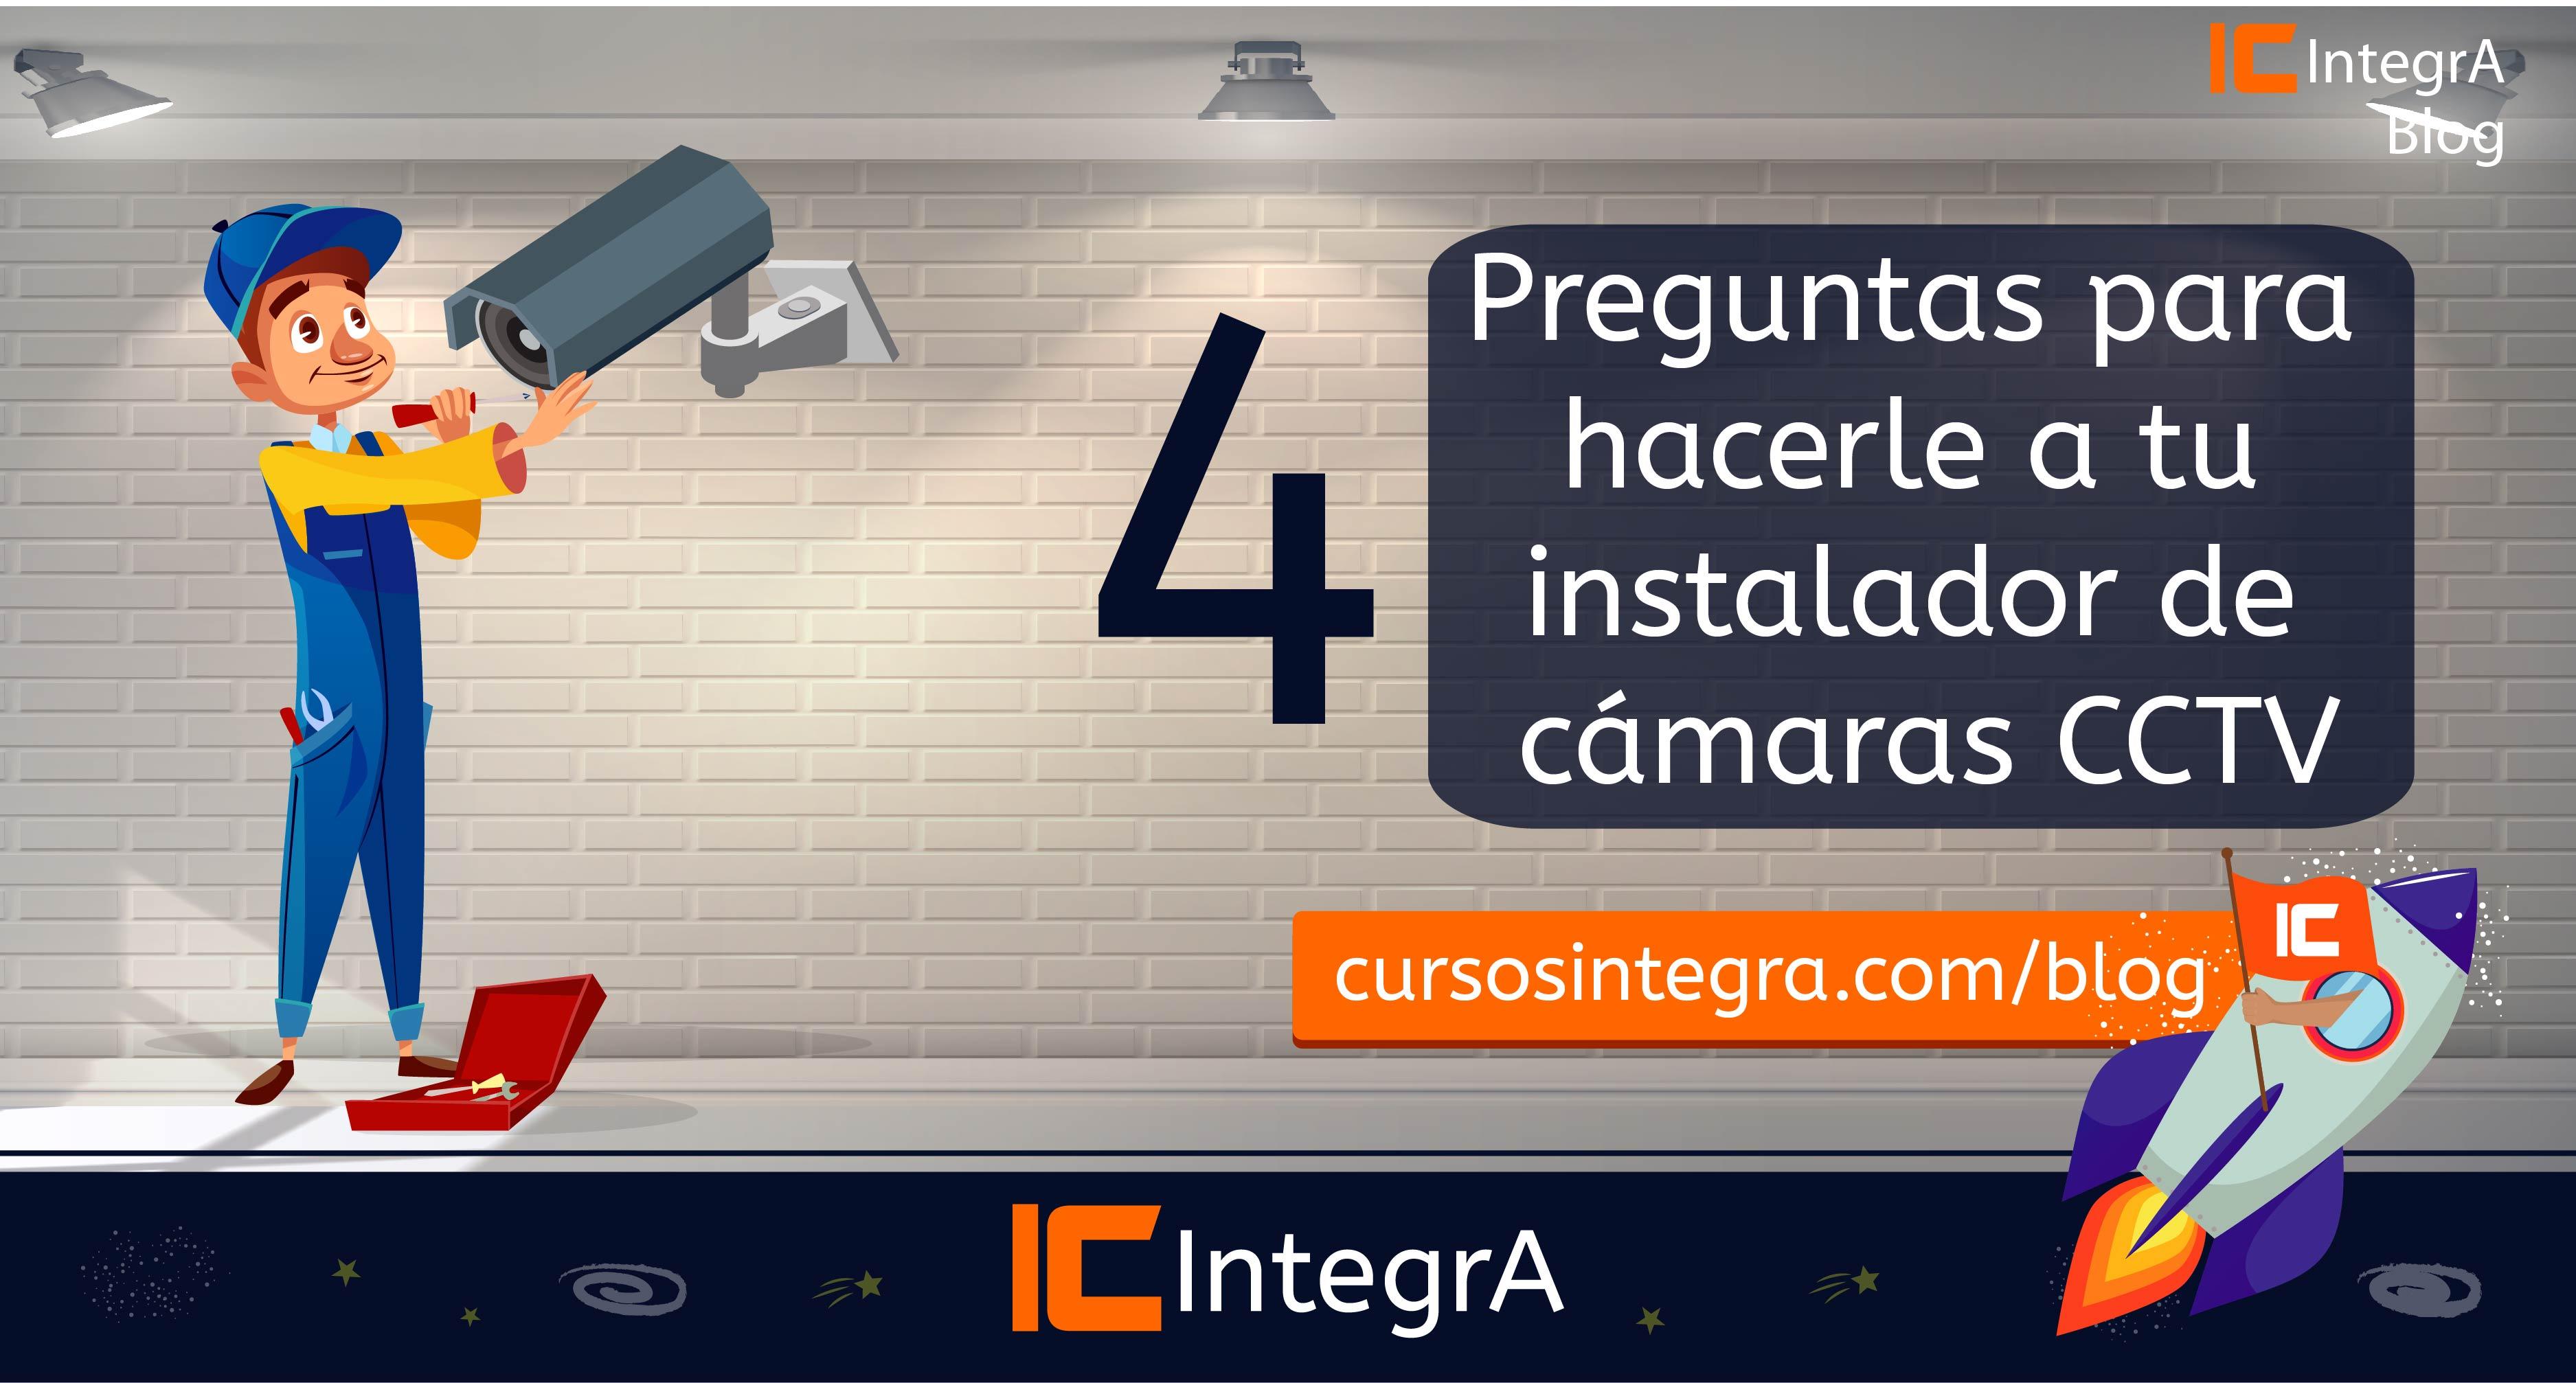 Preguntas para hacer a tu proveedor de cámaras CCTV